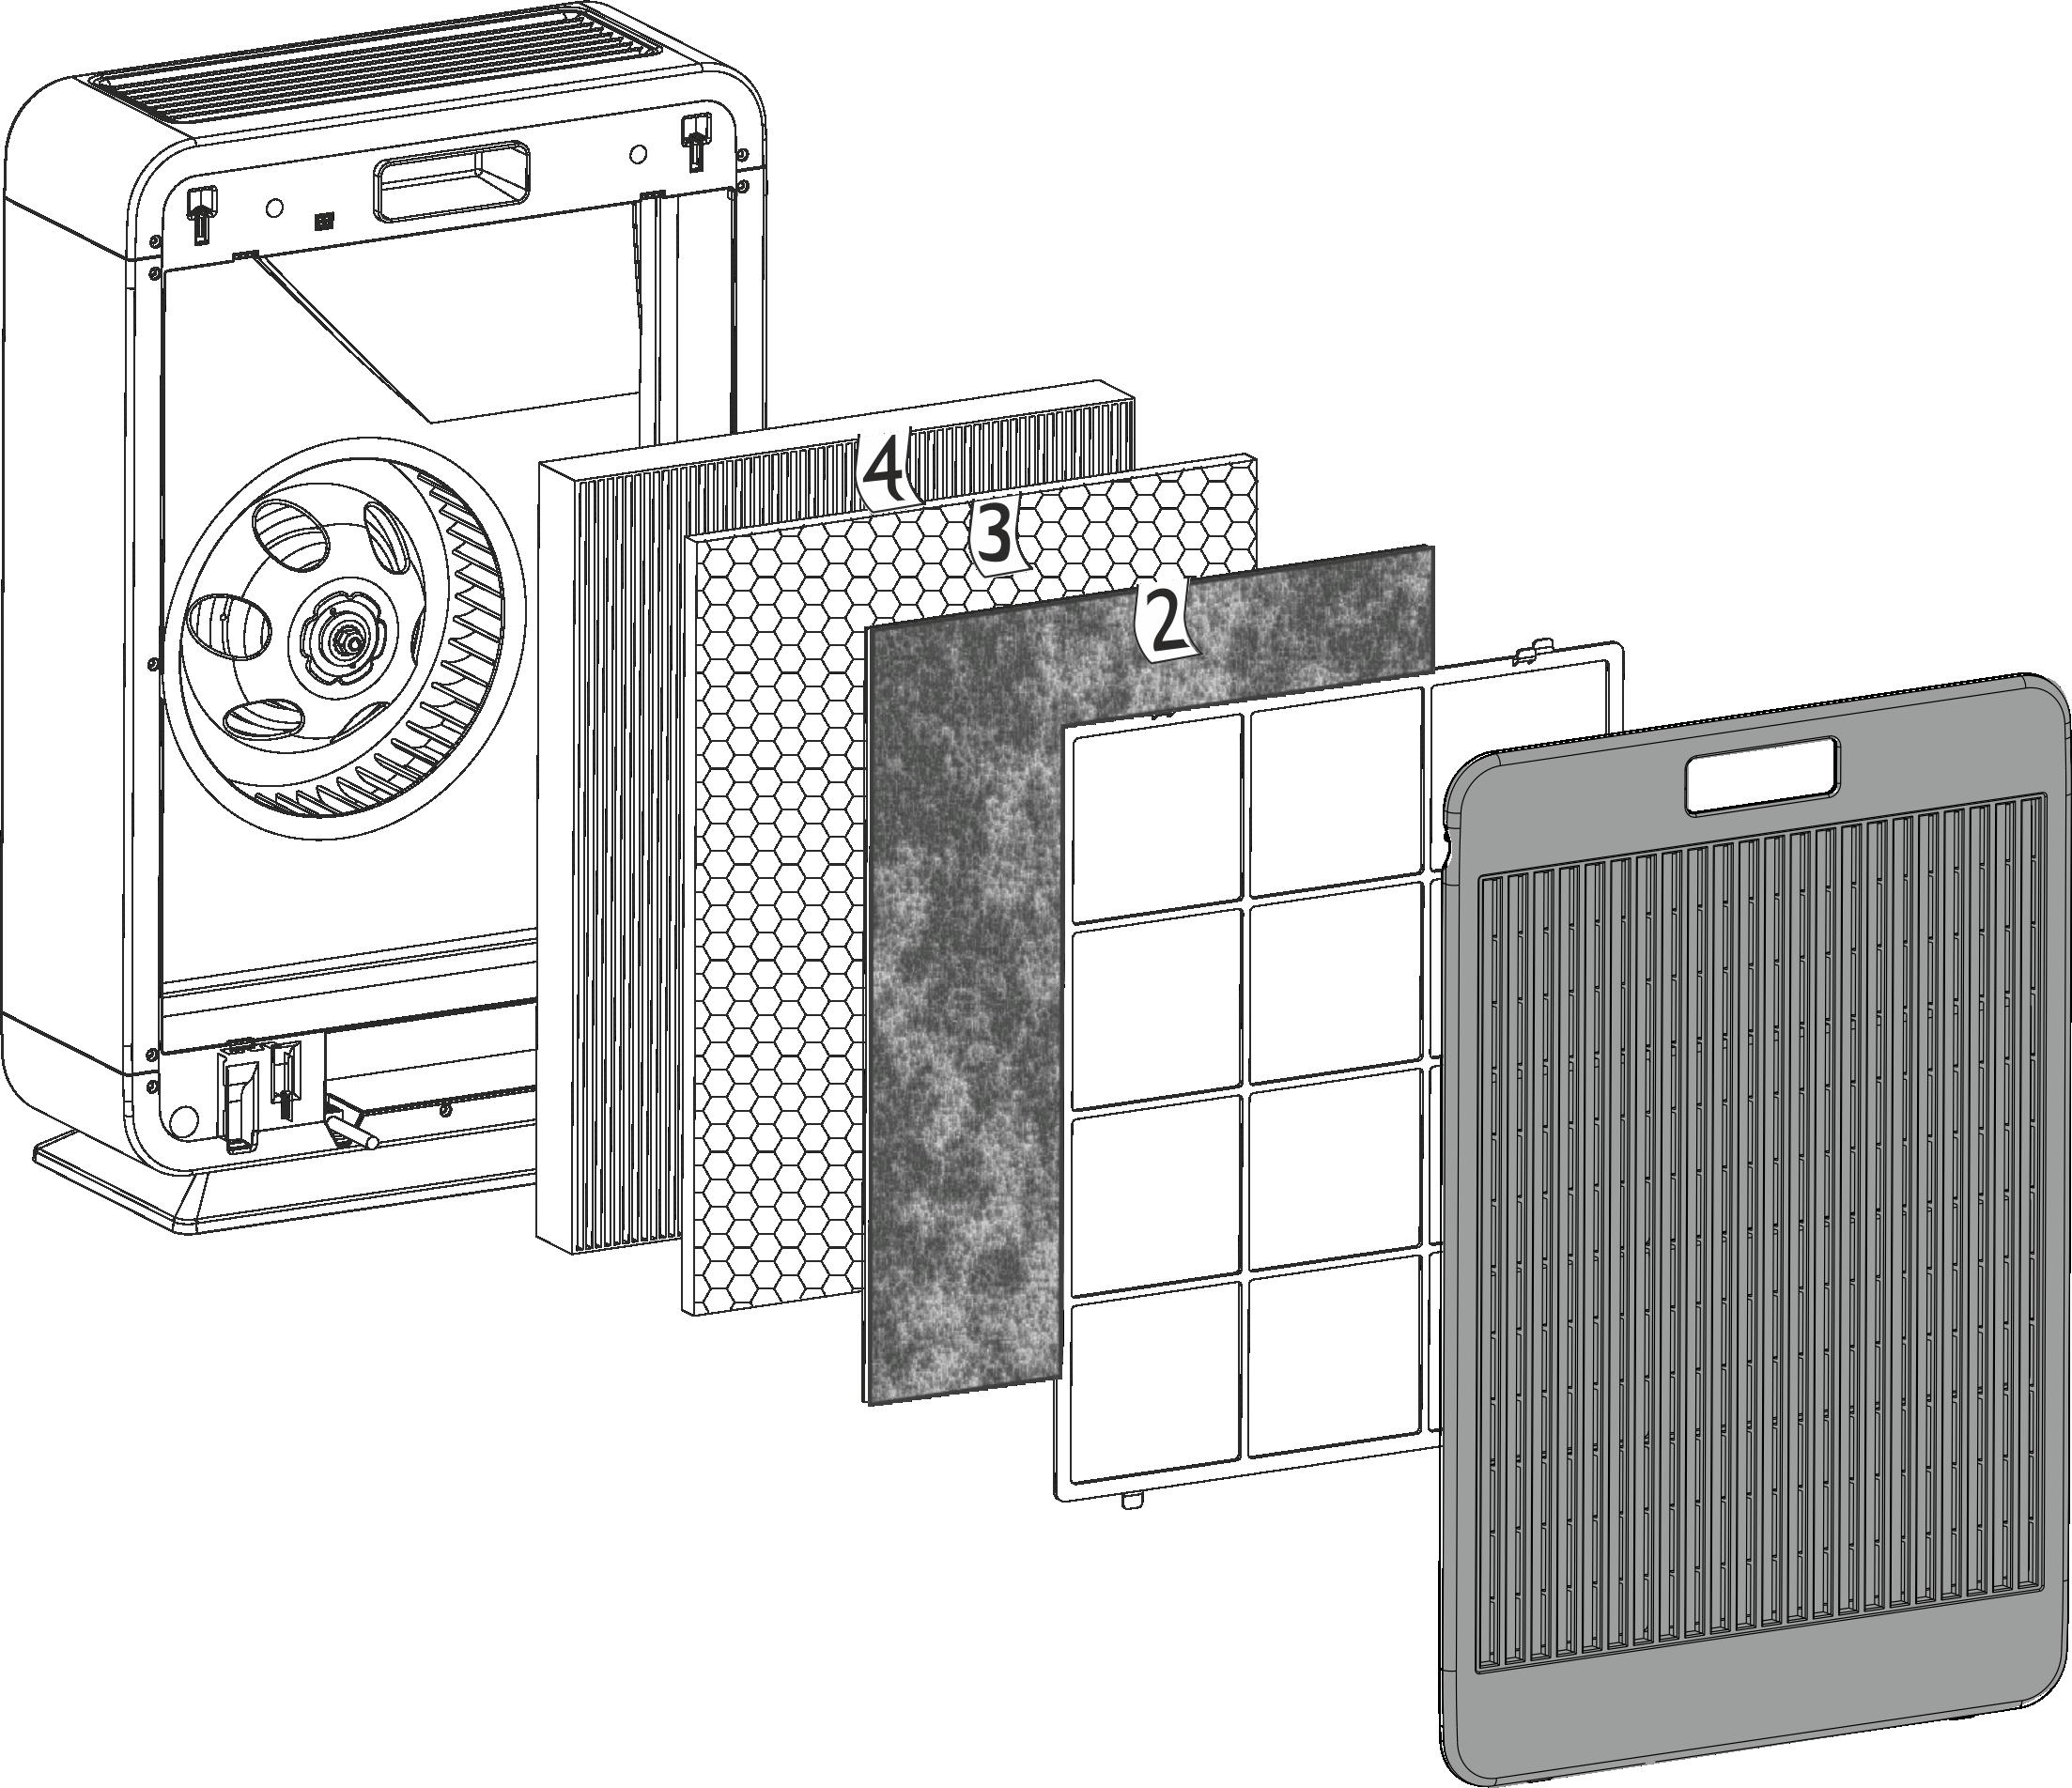 Filtry do oczyszczacza powietrza LAVENDER 2041 BLAUPUNKT HEPA zestaw filtrów hepa